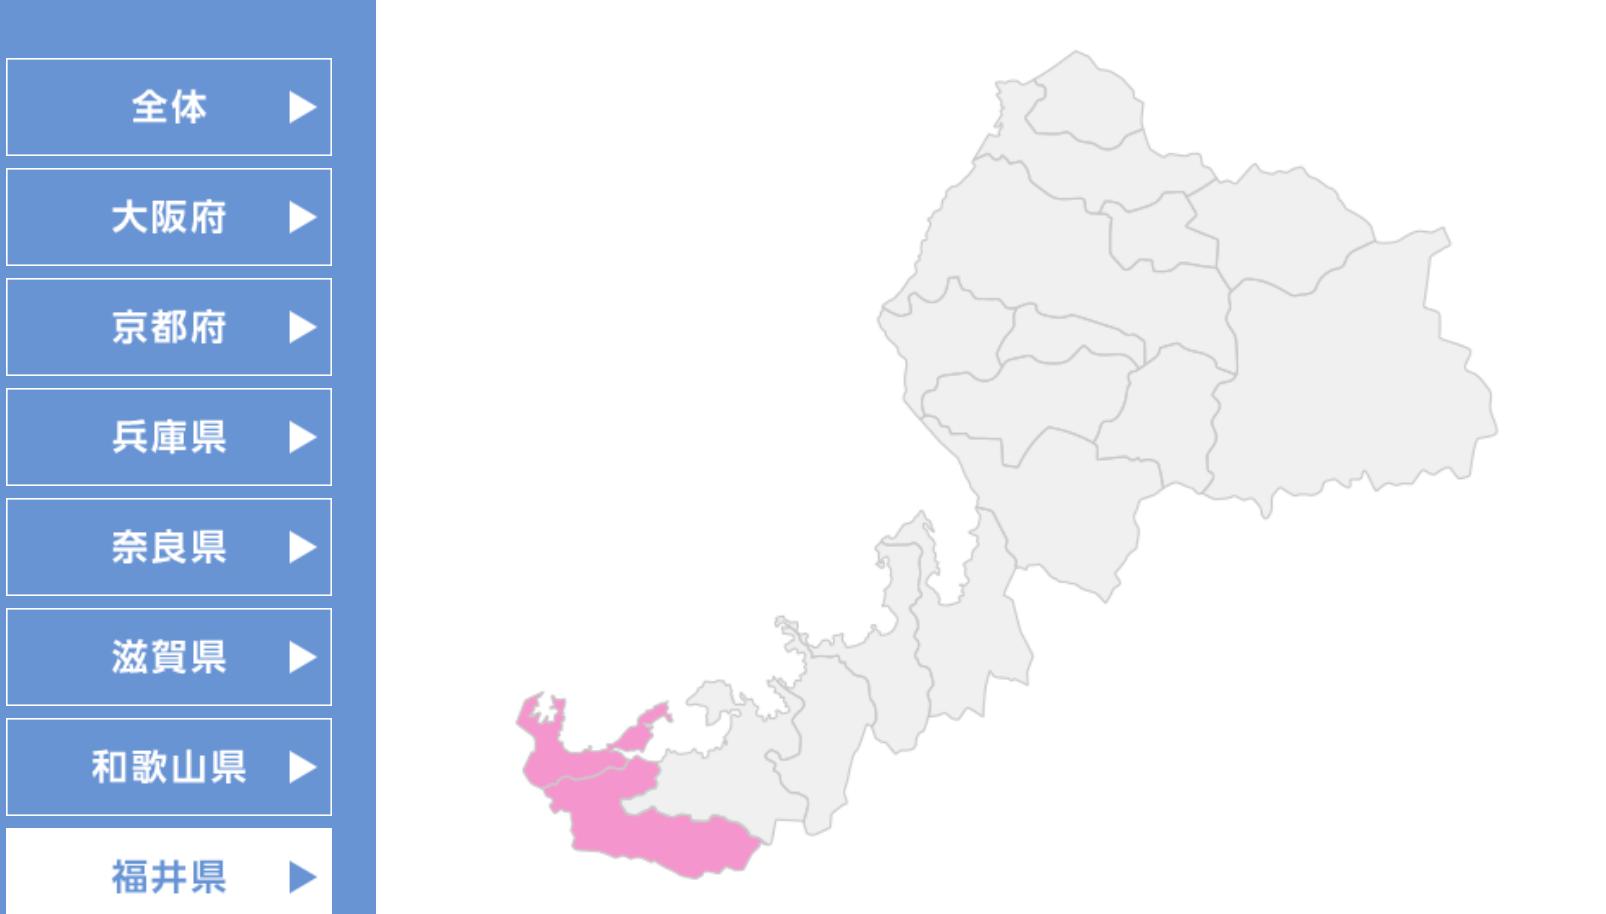 eo光10G/5Gコースの福井県エリア